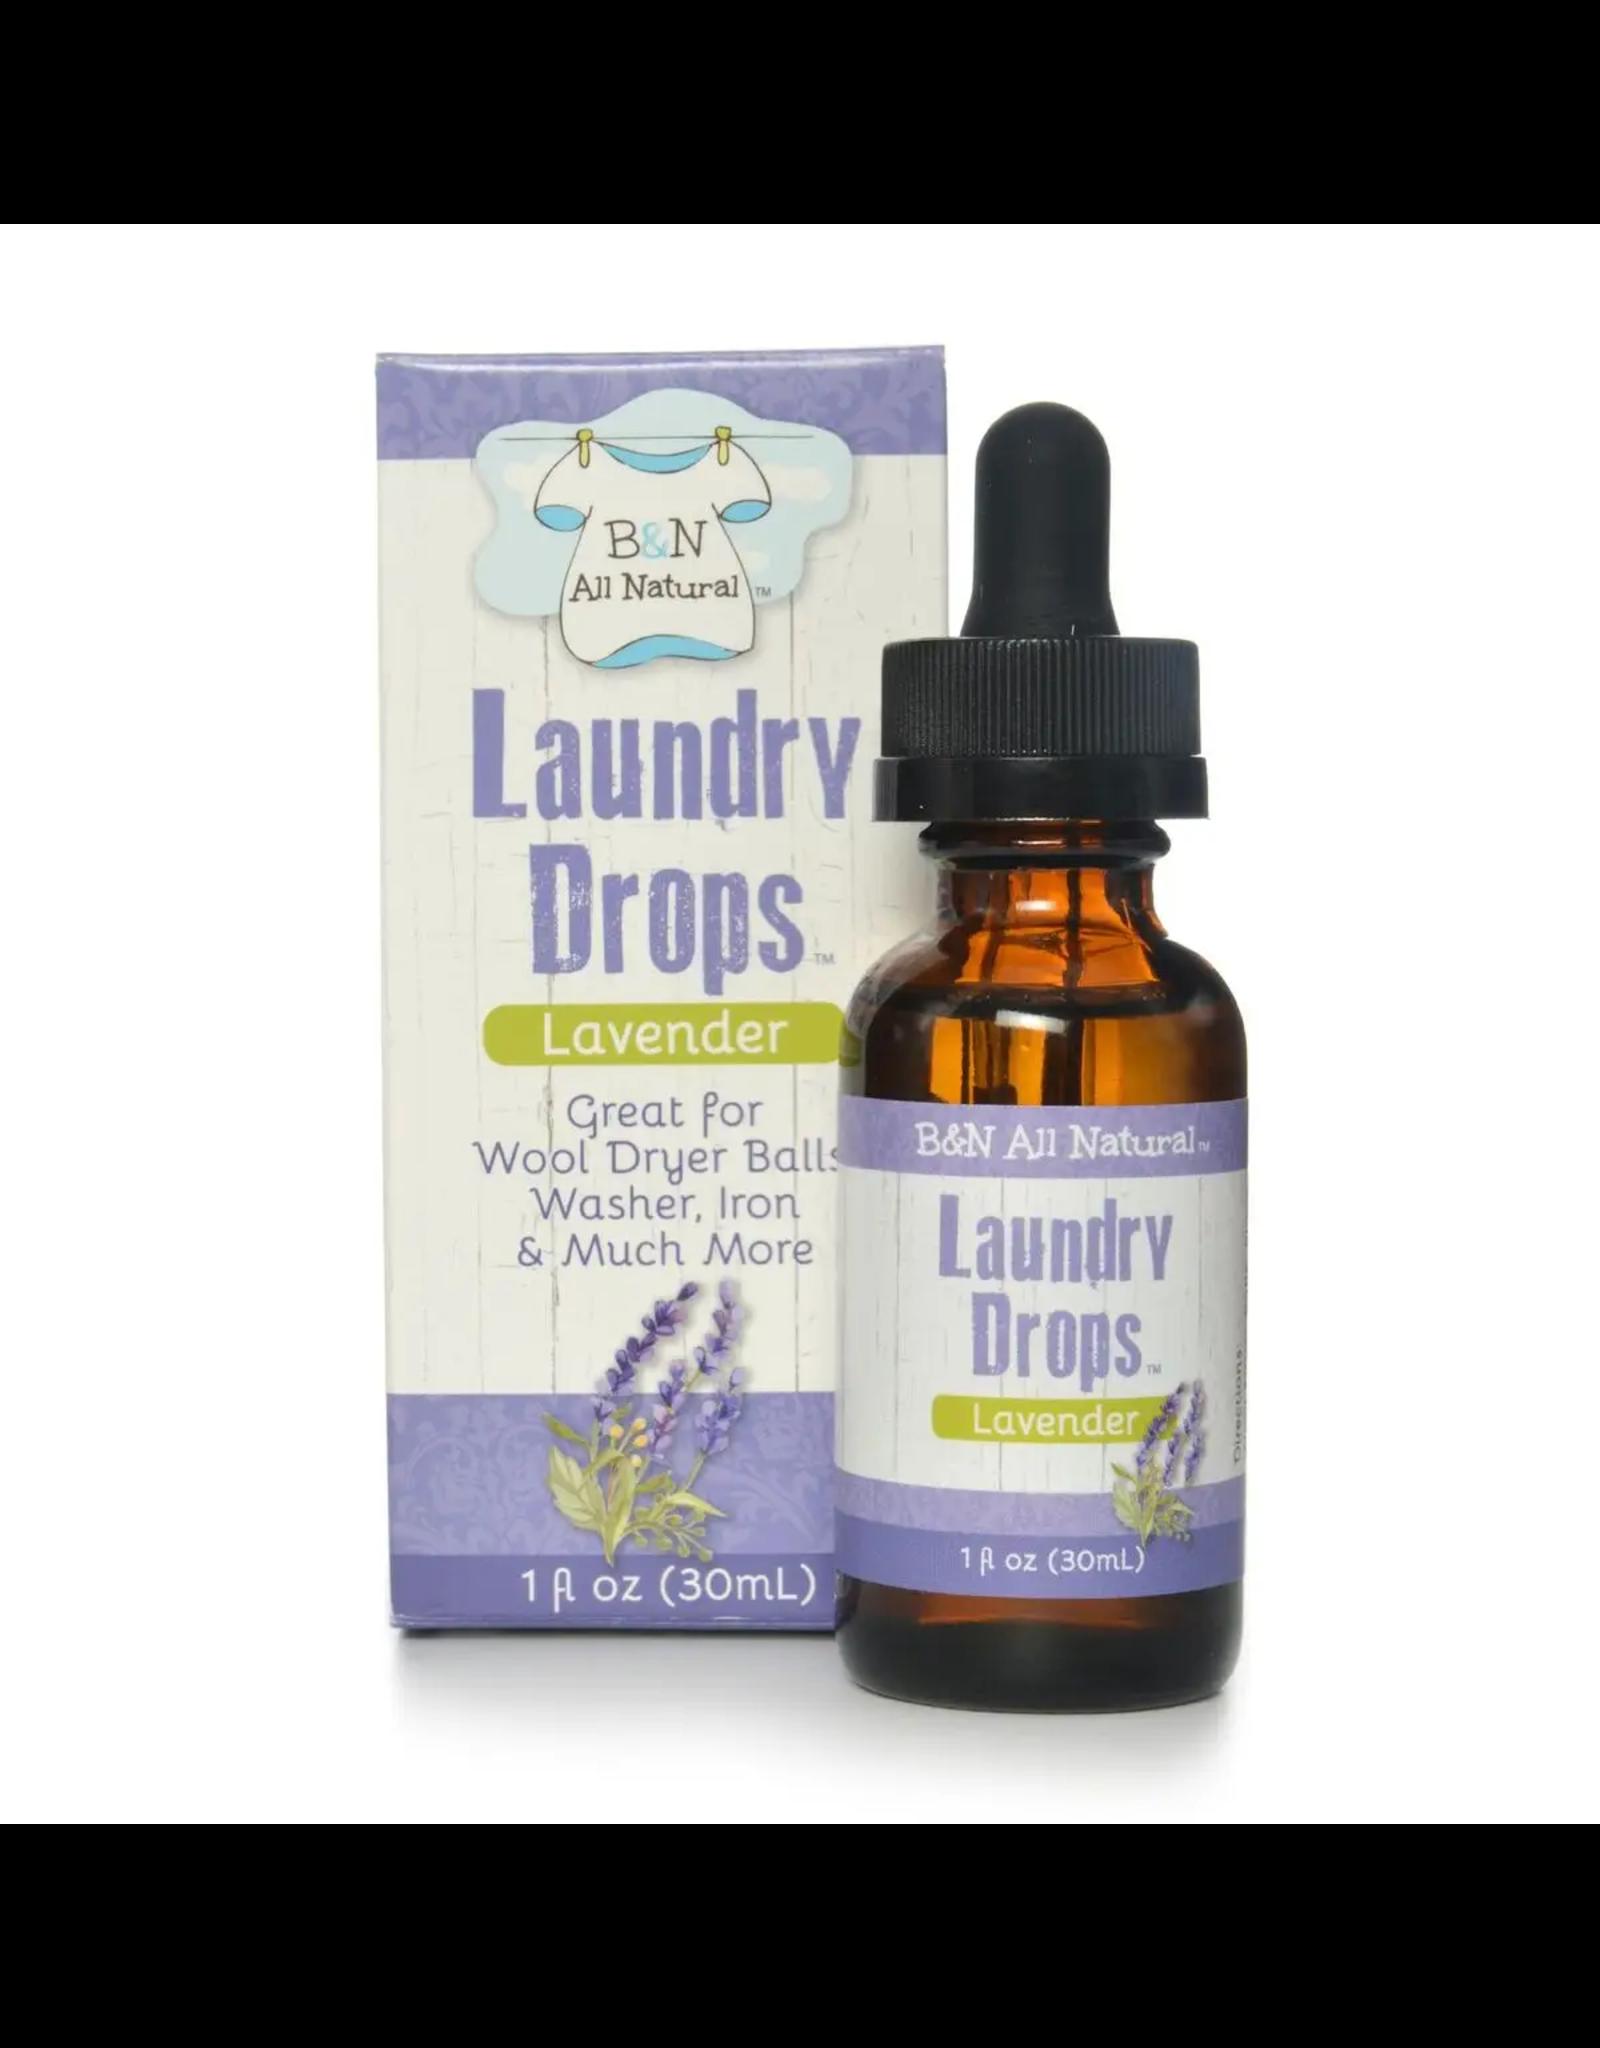 Lavender Laundry Drops